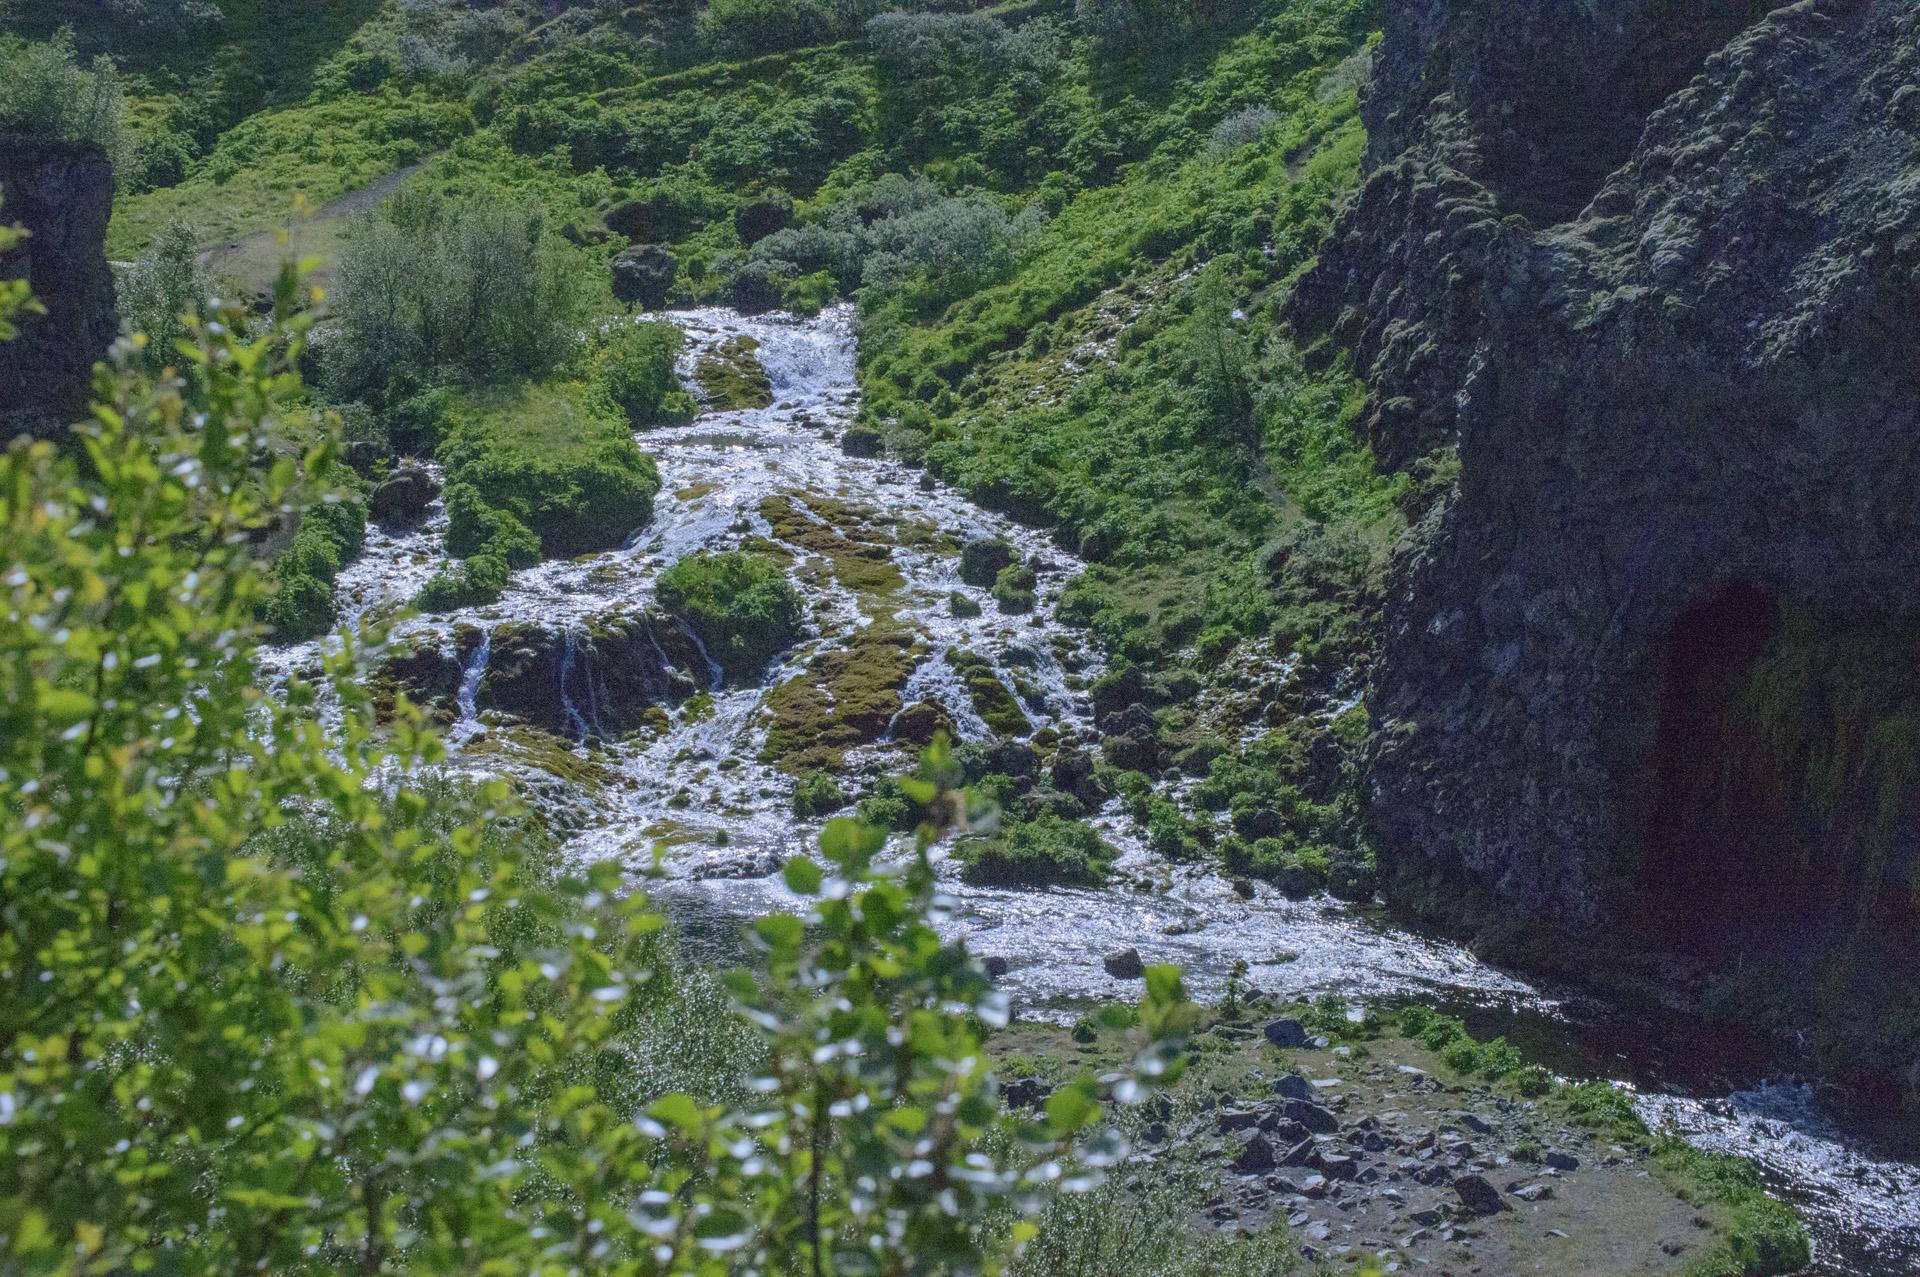 Water flowing near the Rauðá river,  Gjáin, Þjórsárdalur valley, Árnessýsla, Suðurland region, Iceland.